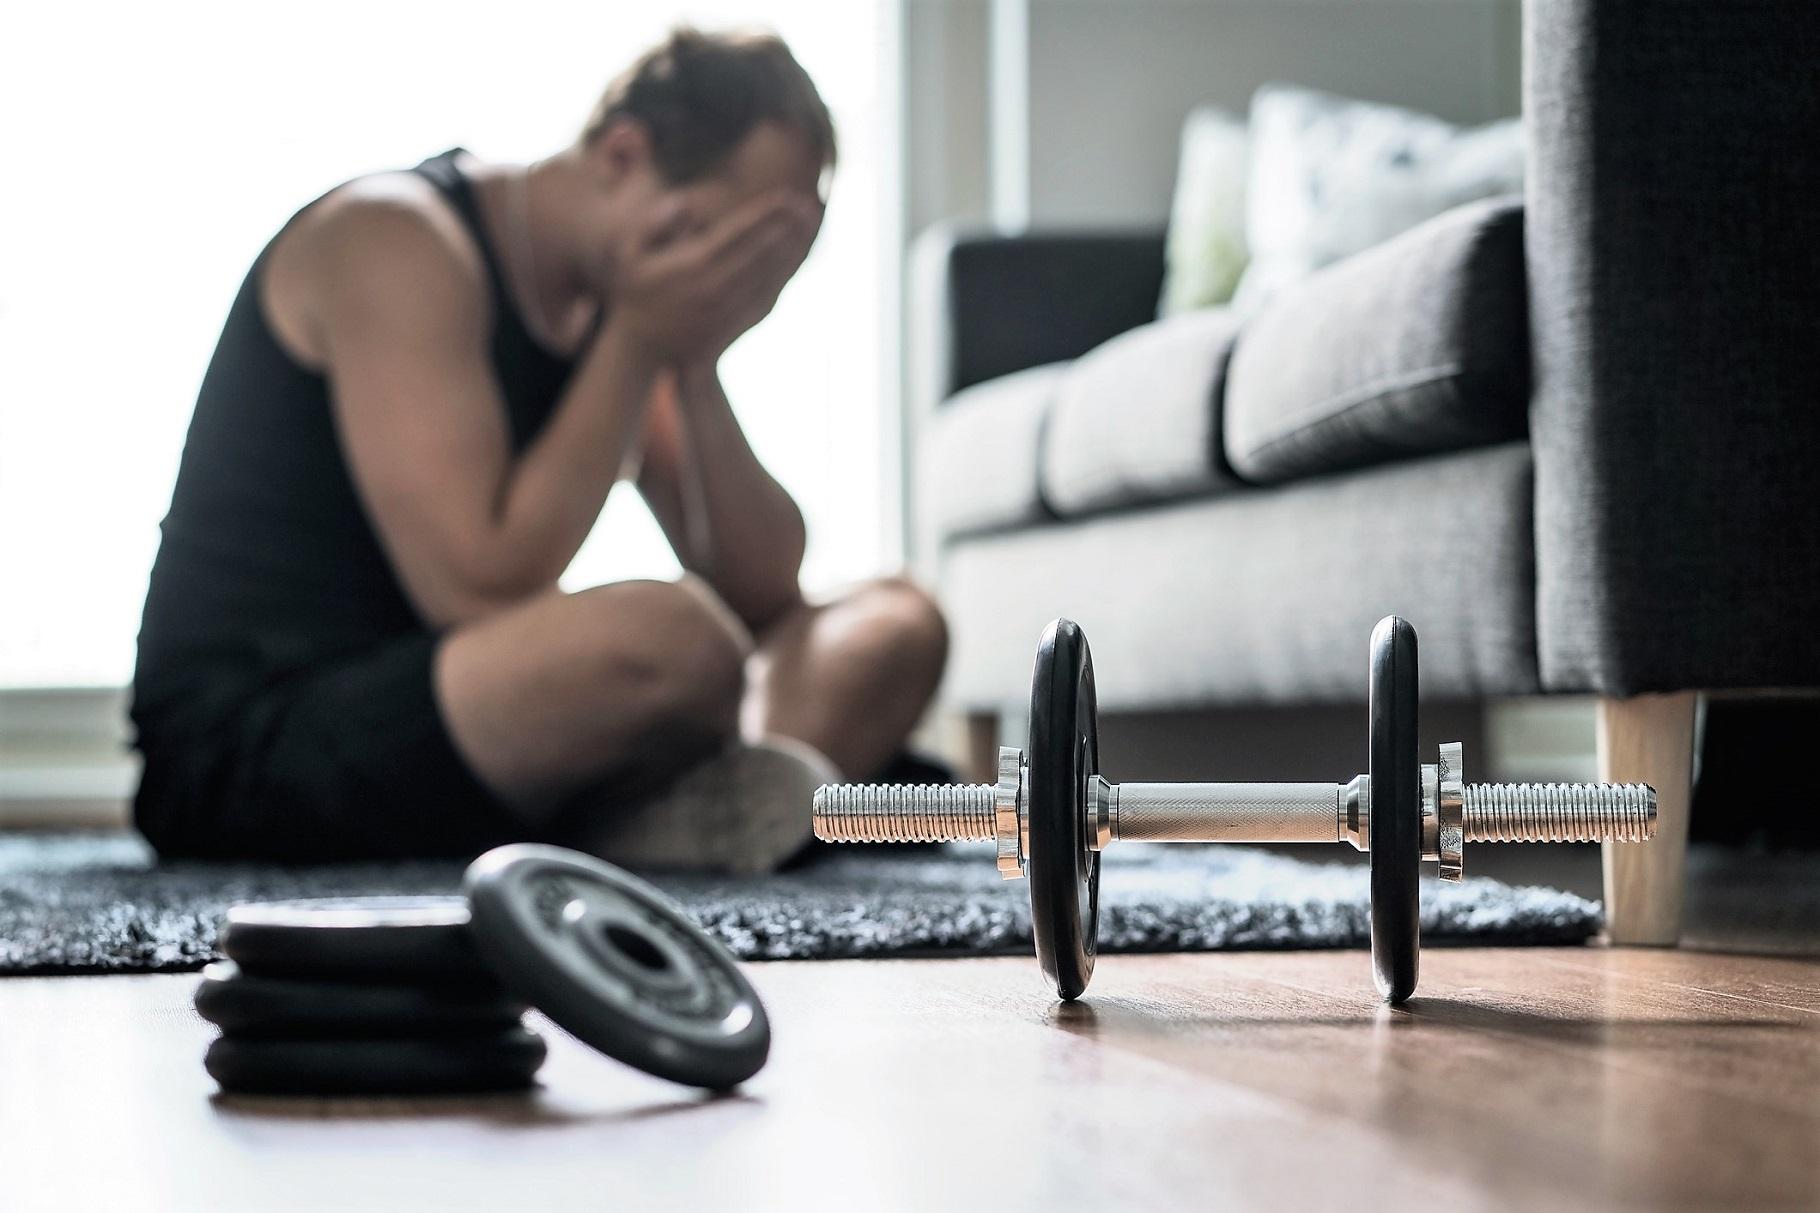 こんな症状が出たら筋トレのやり過ぎ。「オーバートレーニング症候群」を見分ける10のサイン | 健康×スポーツ『MELOS』